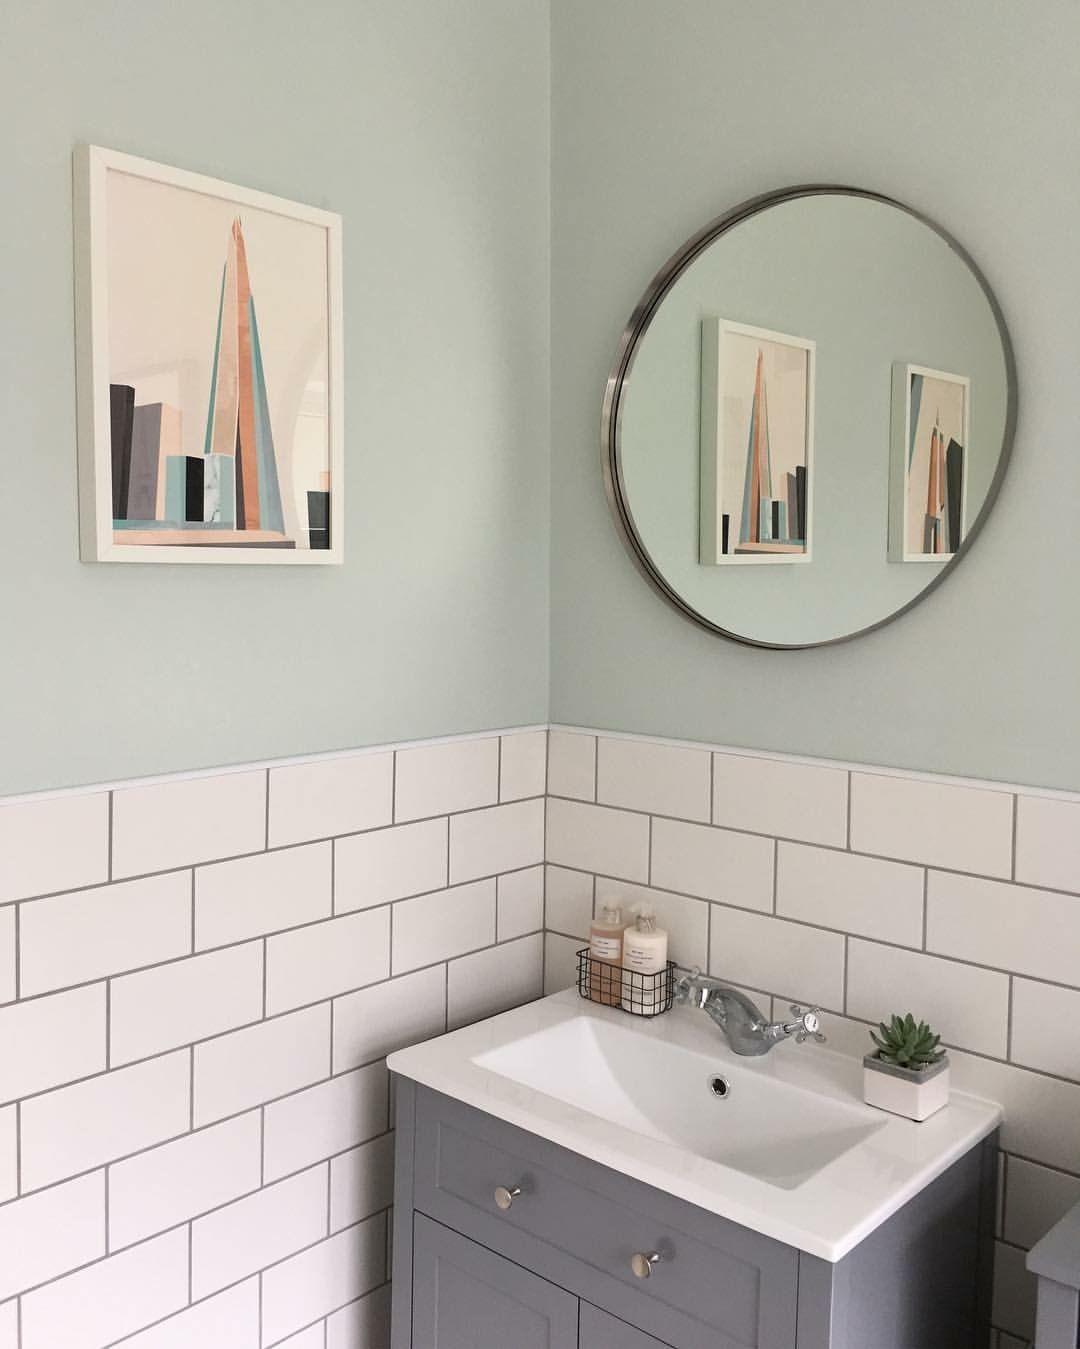 White Metro Tiles With Grey Grout White Bathroom Tiles White Tiles Grey Grout Bathroom Wall Colors